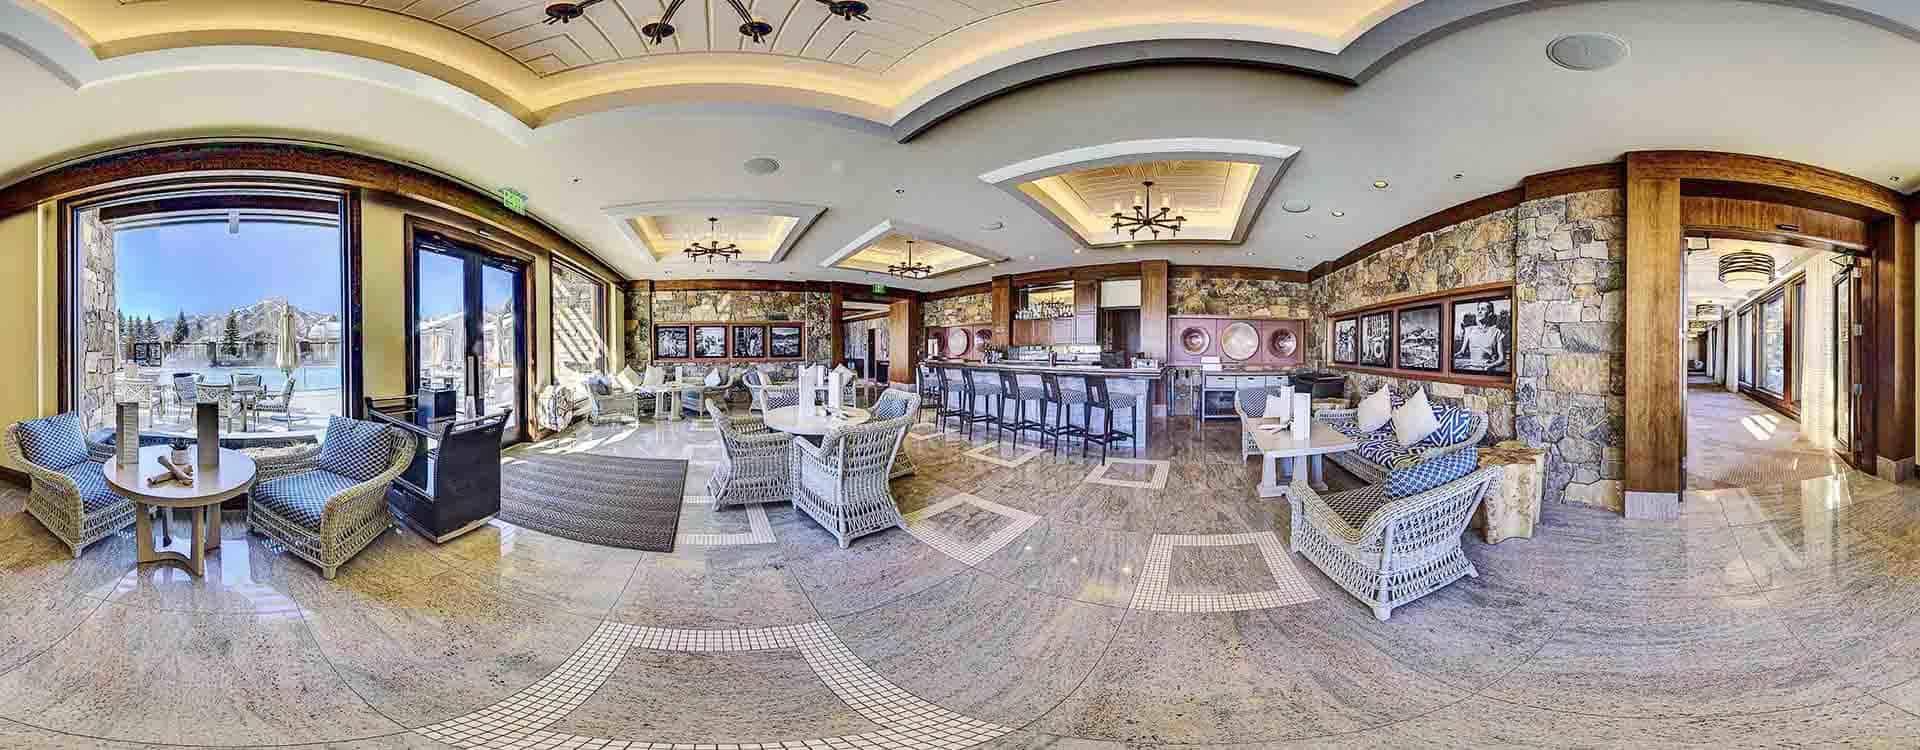 Google Virtual Tour Panorama Restaurant Cafe